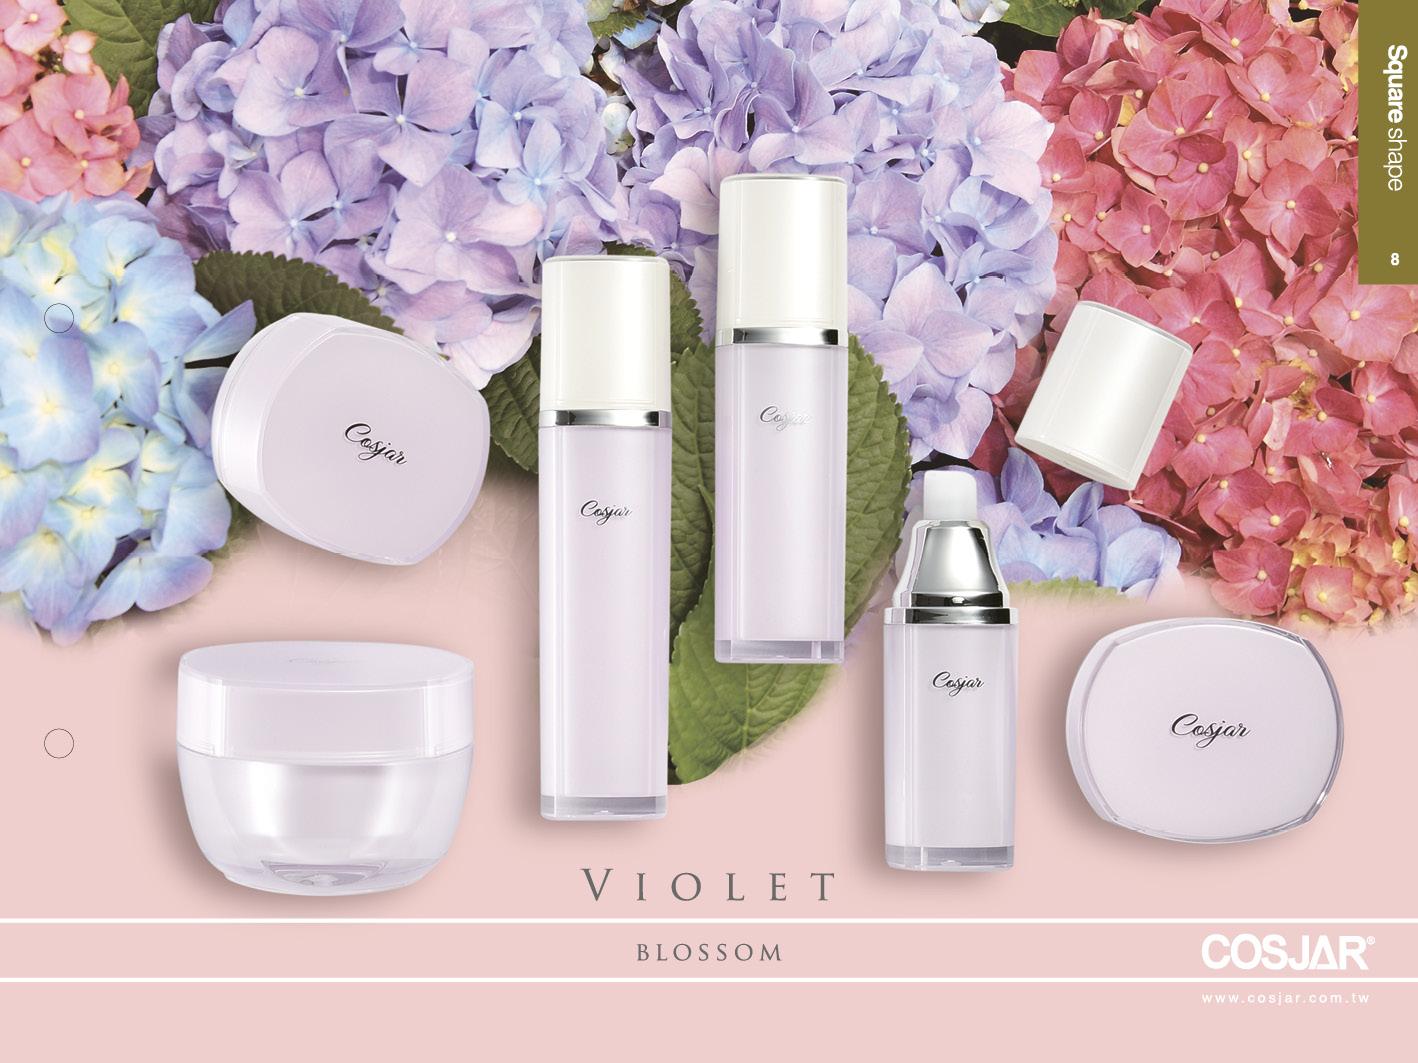 紫羅蘭系列 - Cosmetic Packaging Collection - violet blossom